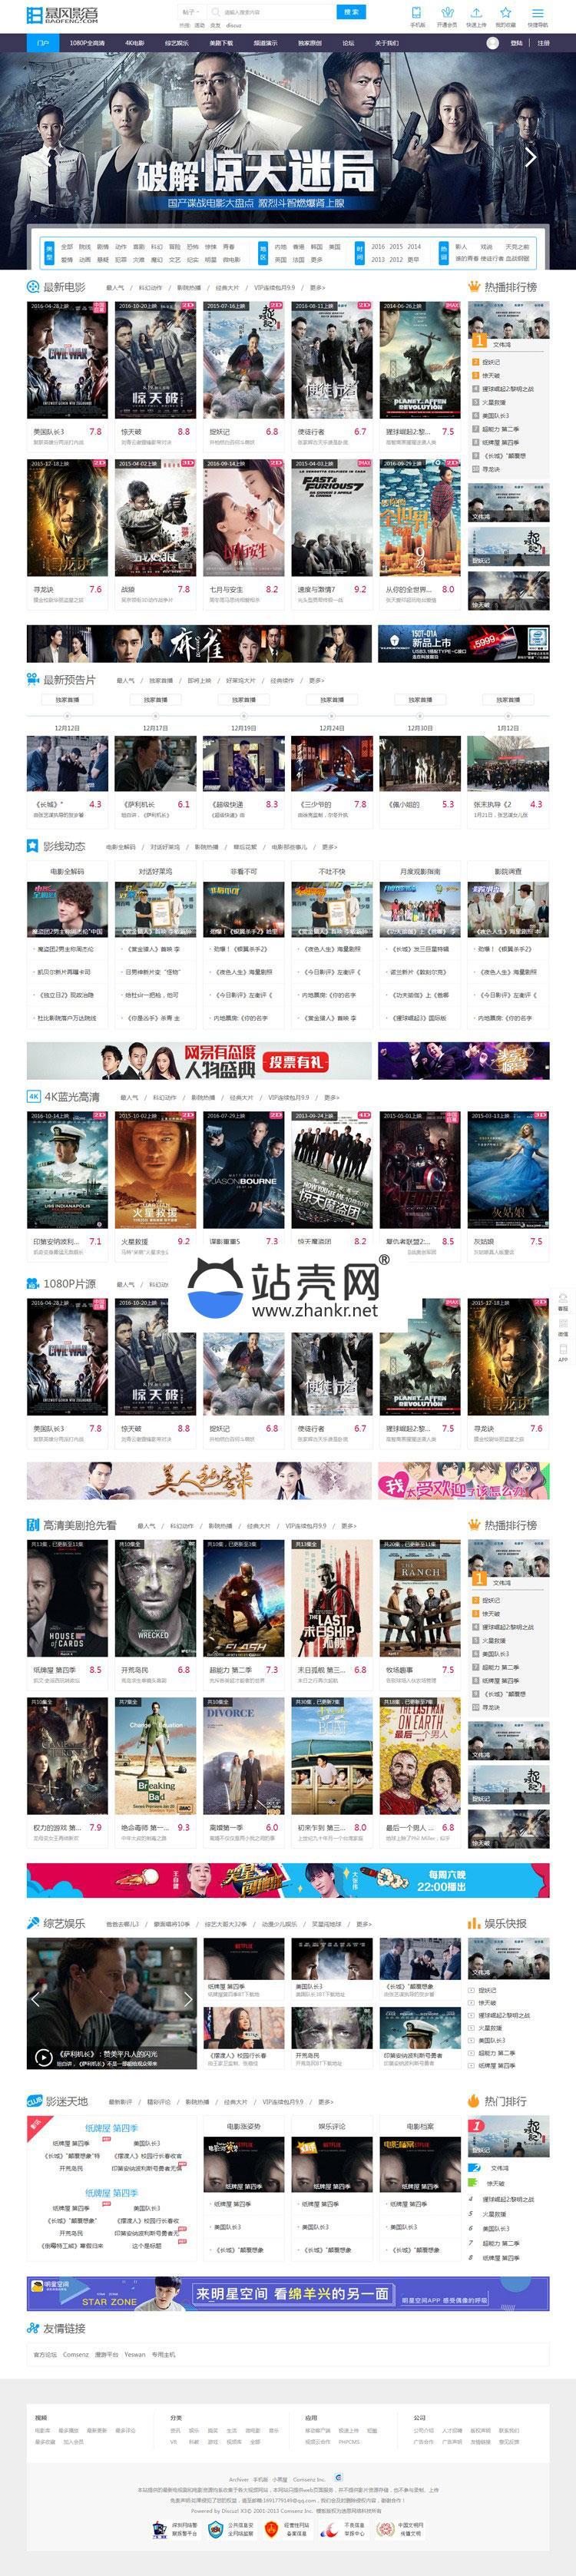 Discuz x3.2模板 迪恩电影美剧下载 商业版 GBK_源码下载插图